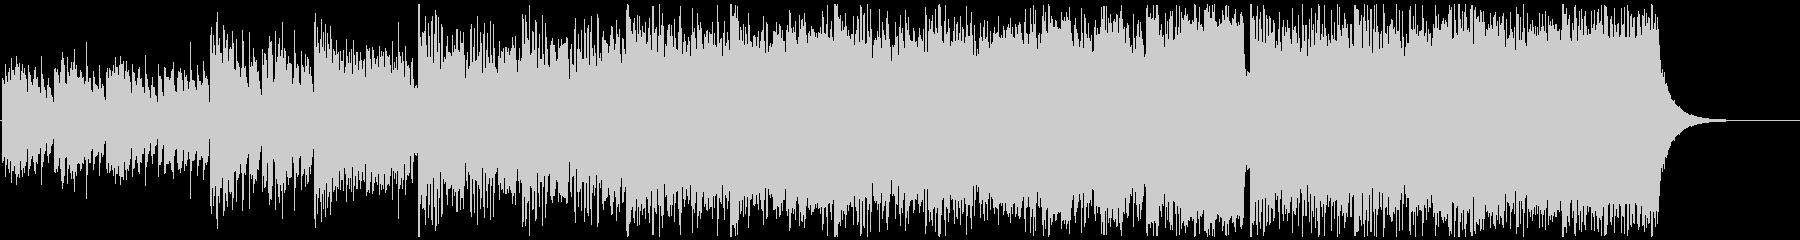 クラシック「ガヴォット」EDMバージョンの未再生の波形